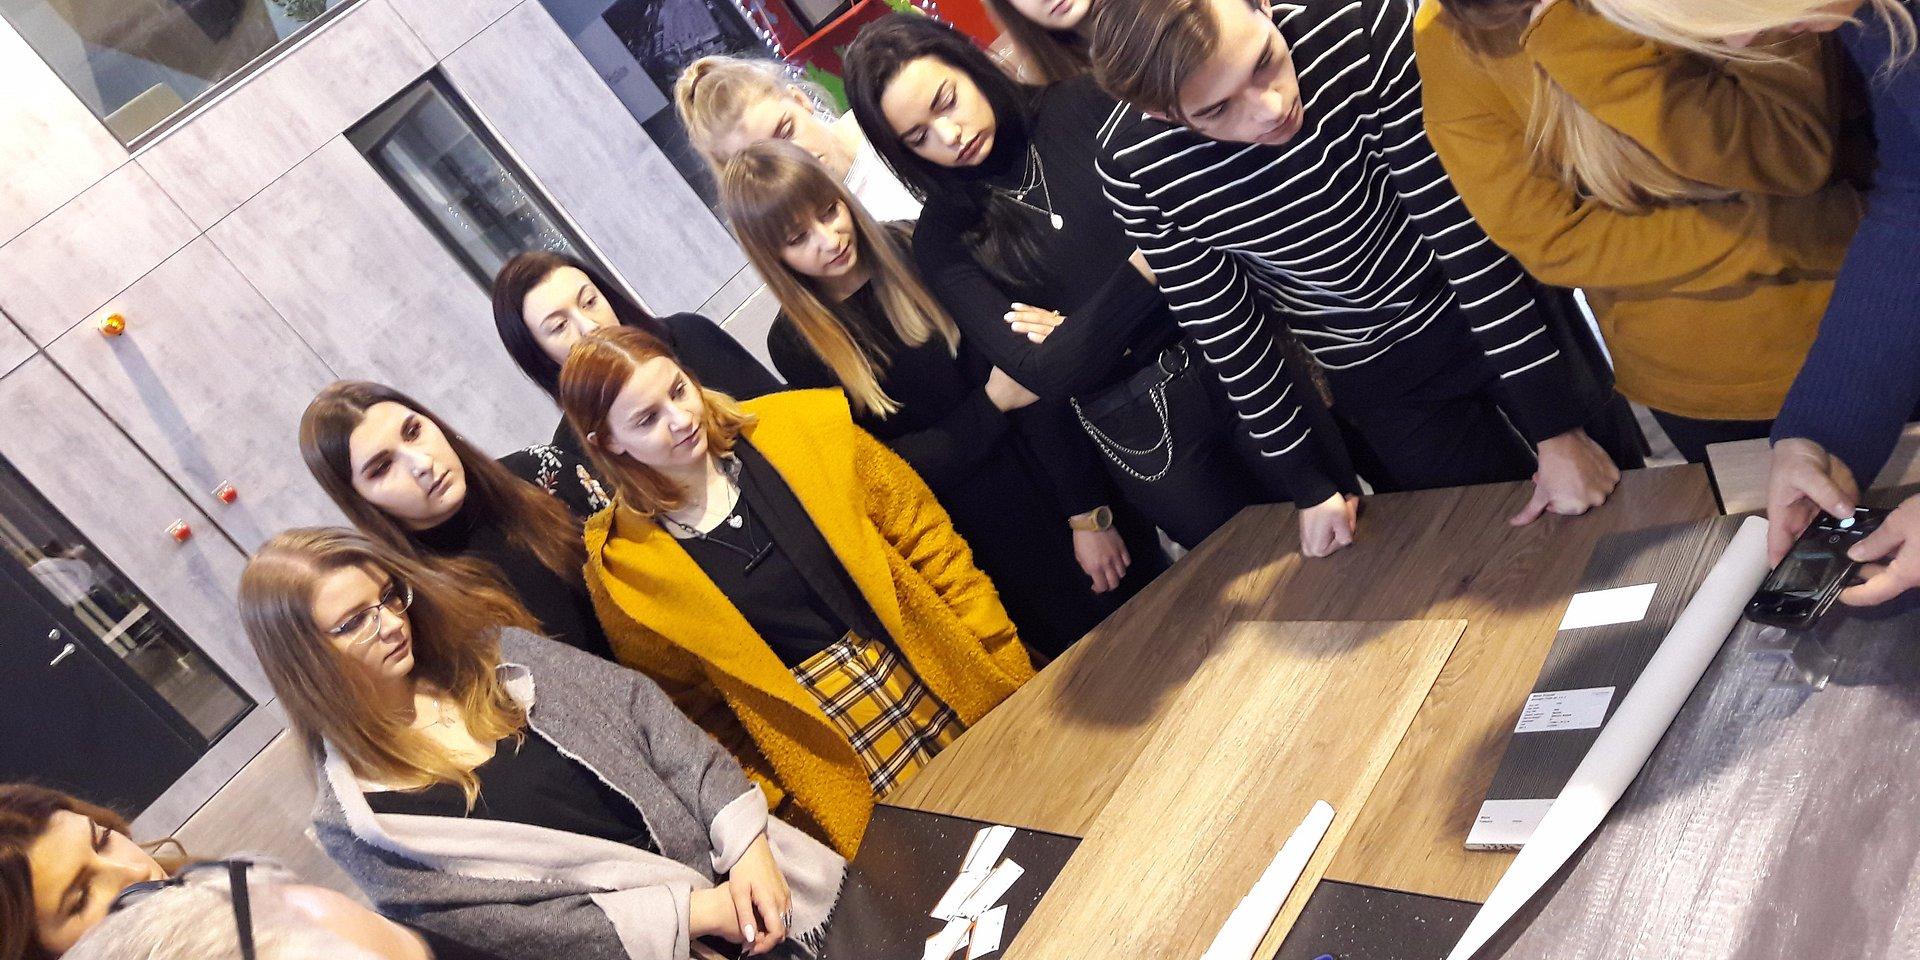 Studenci wracają do Kronospan